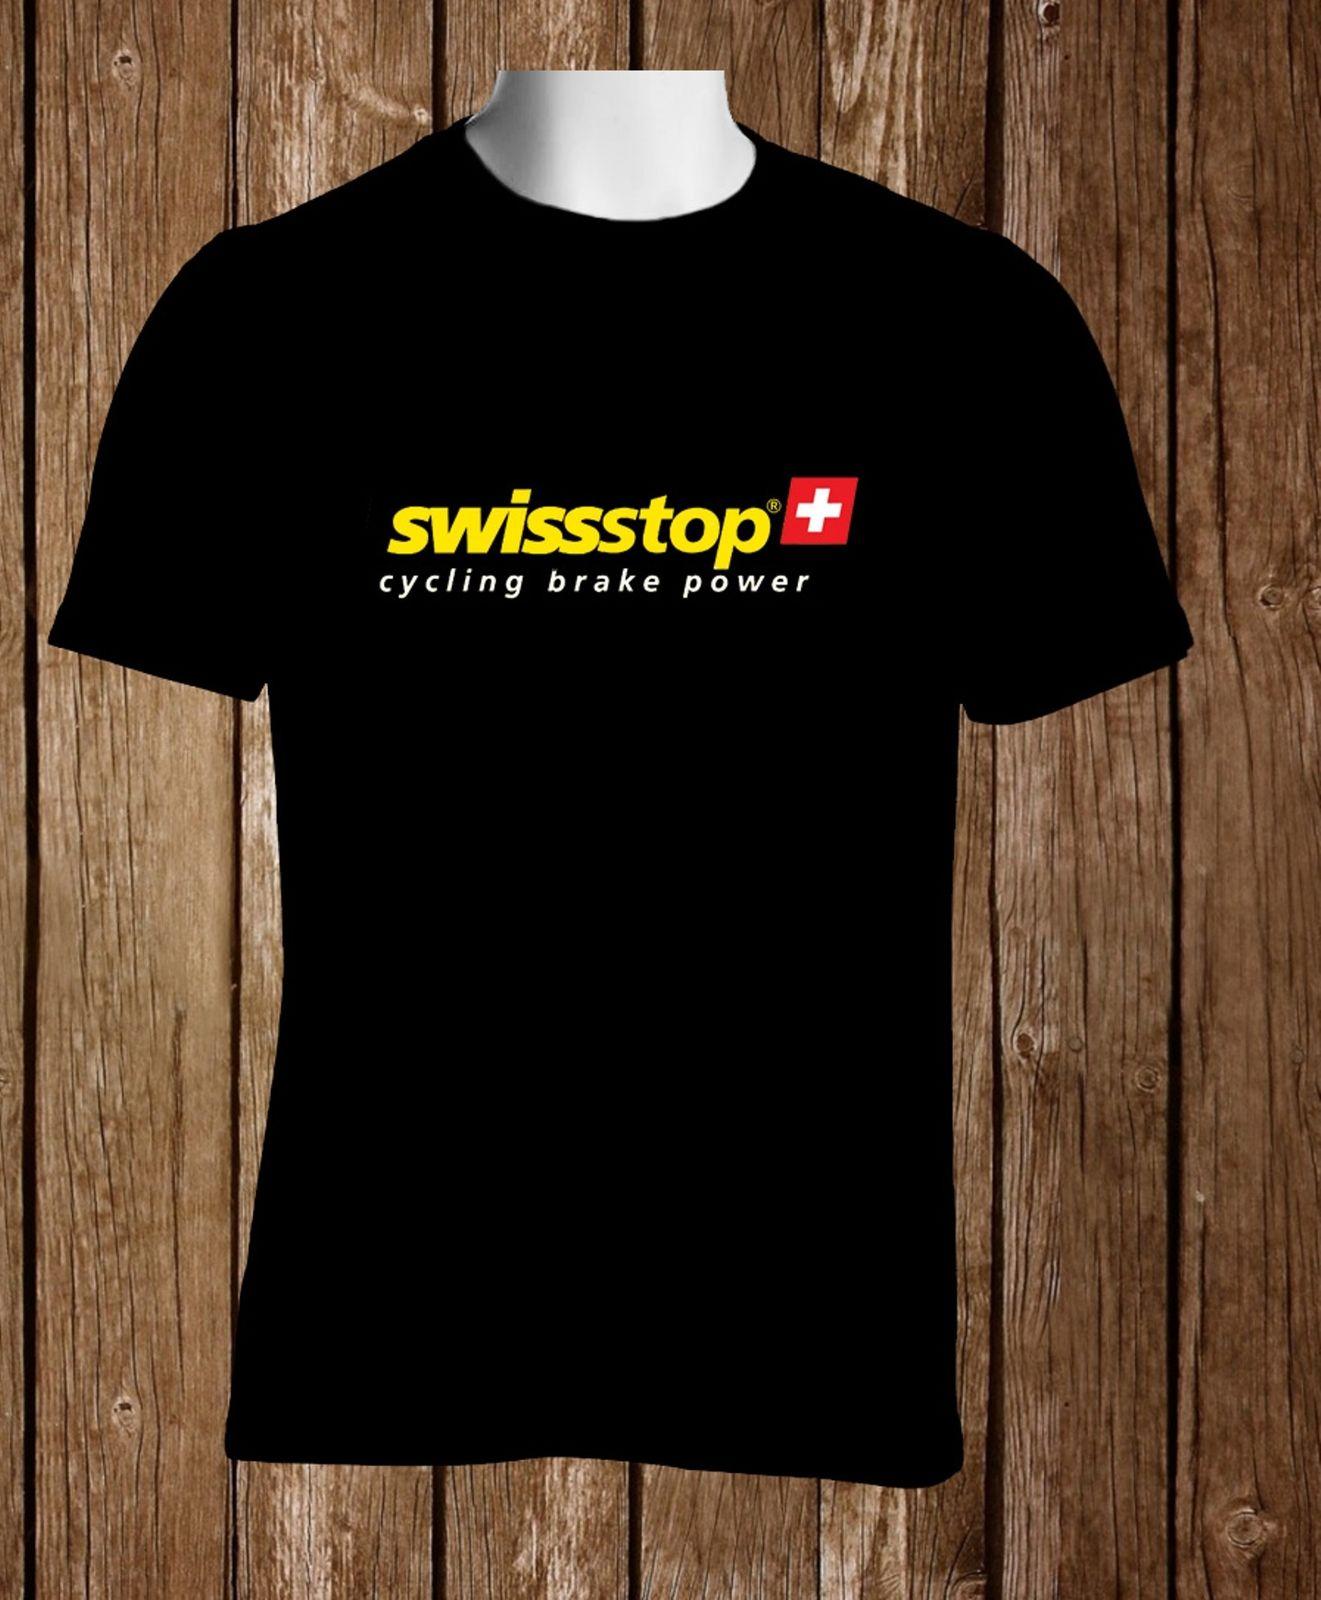 Black T-Shirt Swiss Stop Cyclinged Brake Power Mens Tshirt S to 3XL